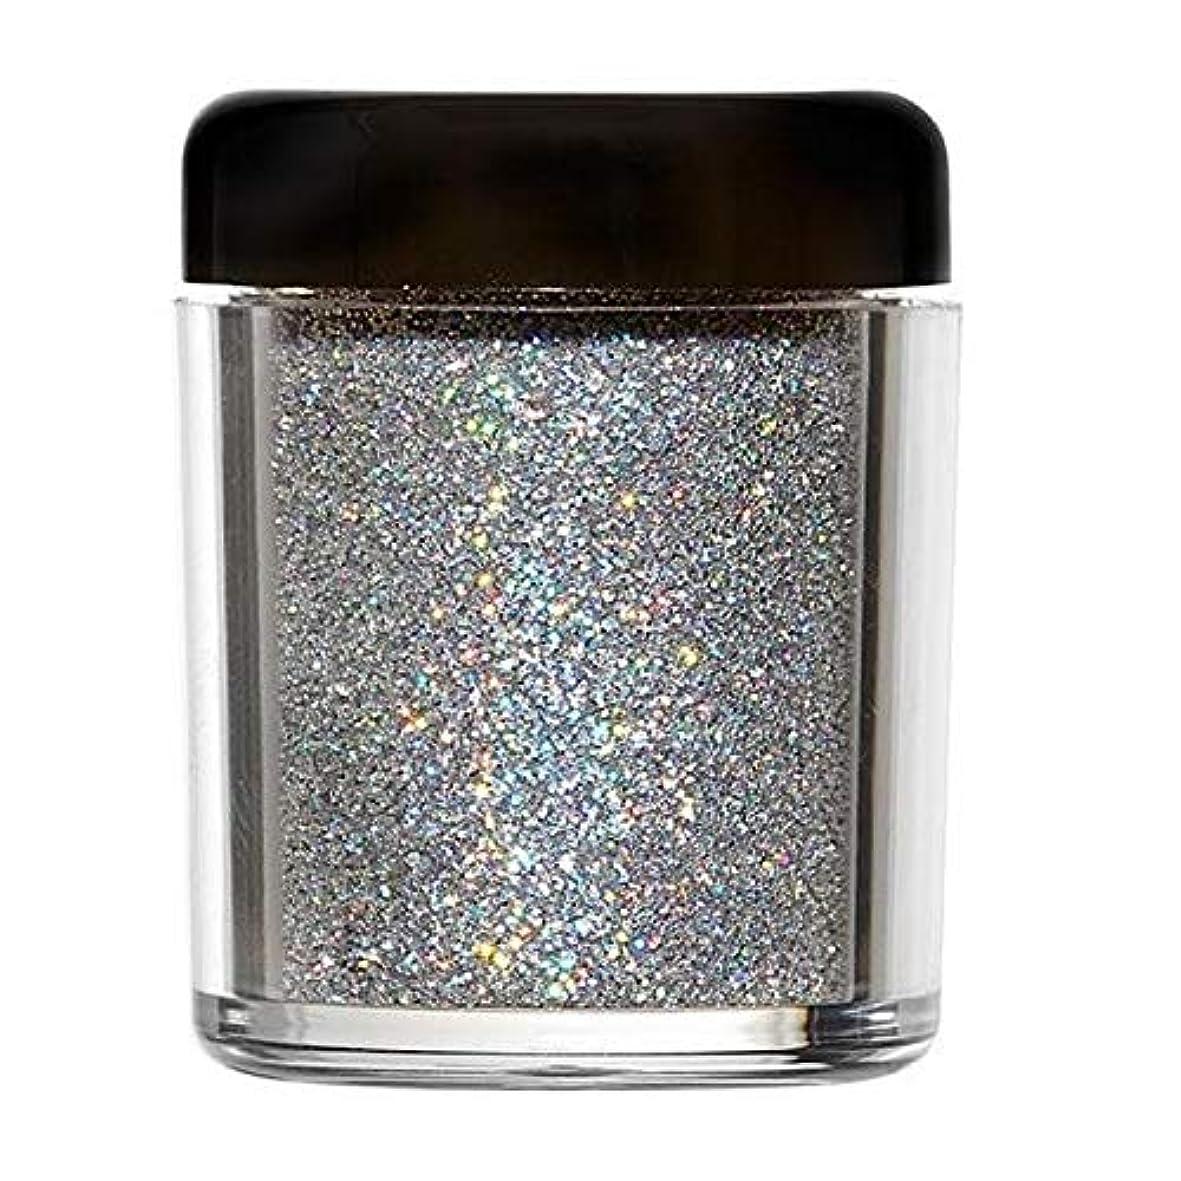 ニンニクよく話される温かい[Barry M ] バリーメートルのグリッターラッシュボディの輝き - ムーンストーン - Barry M Glitter Rush Body Glitter - Moonstone [並行輸入品]